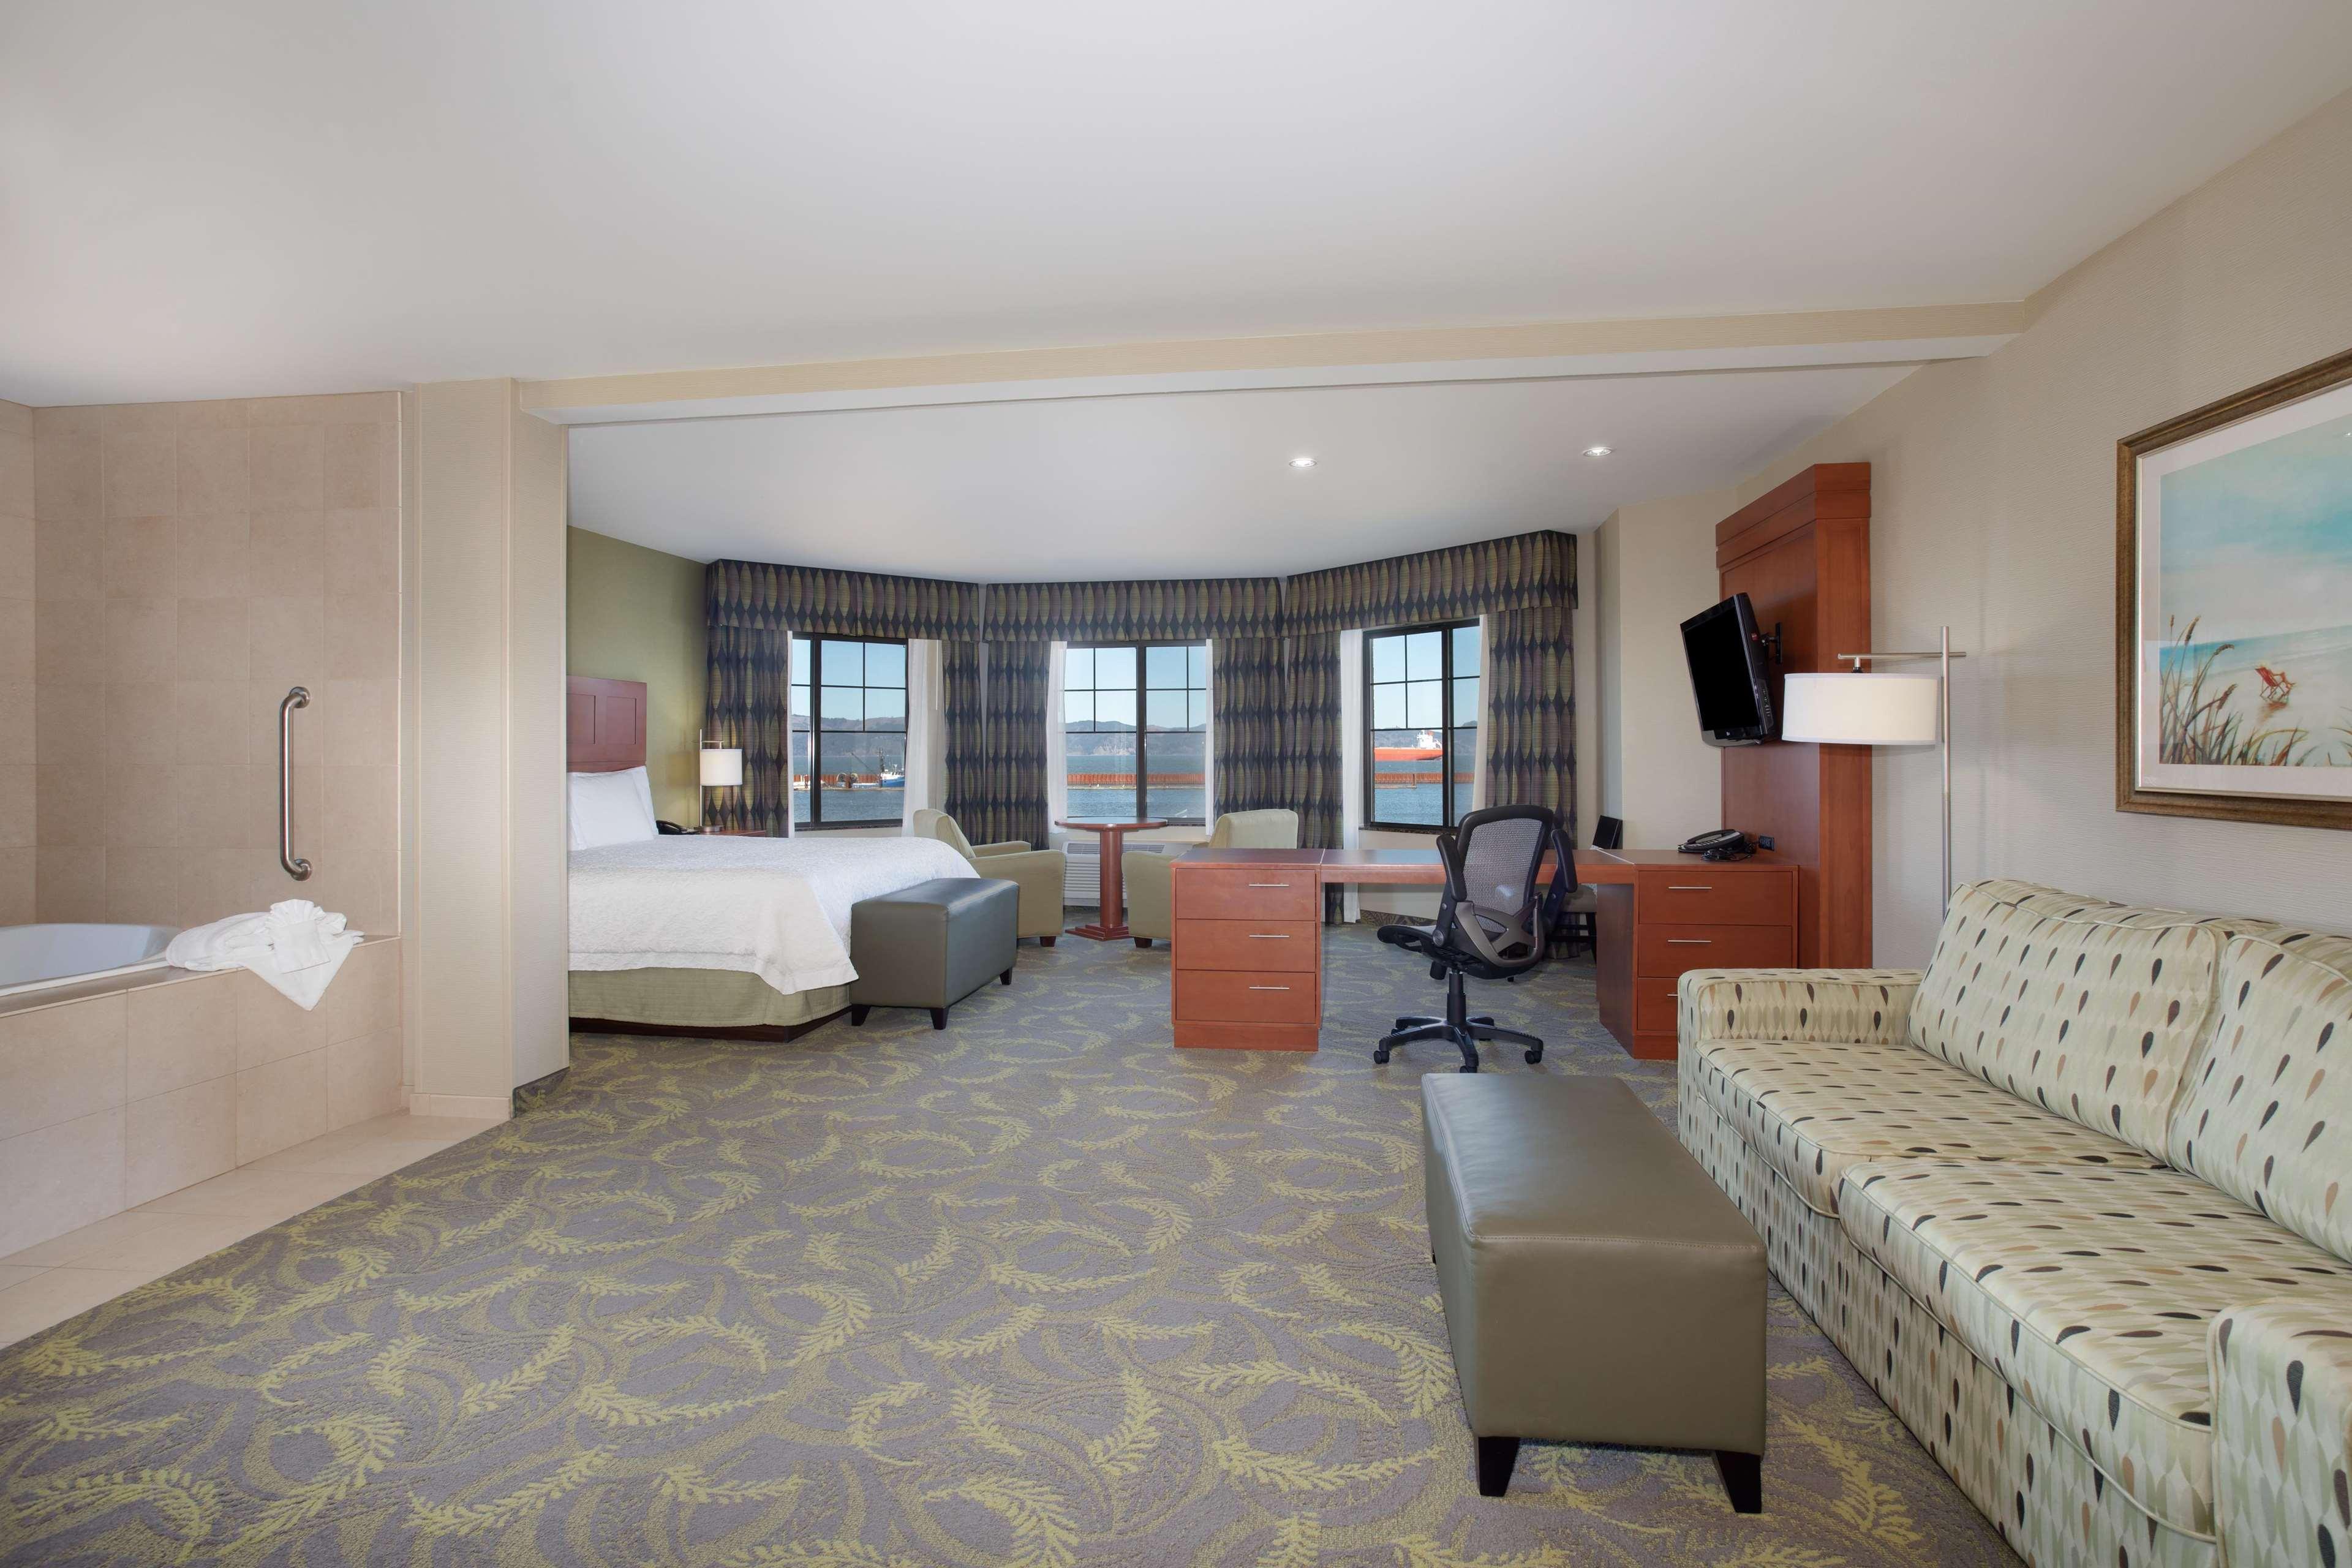 Hampton Inn & Suites Astoria image 60